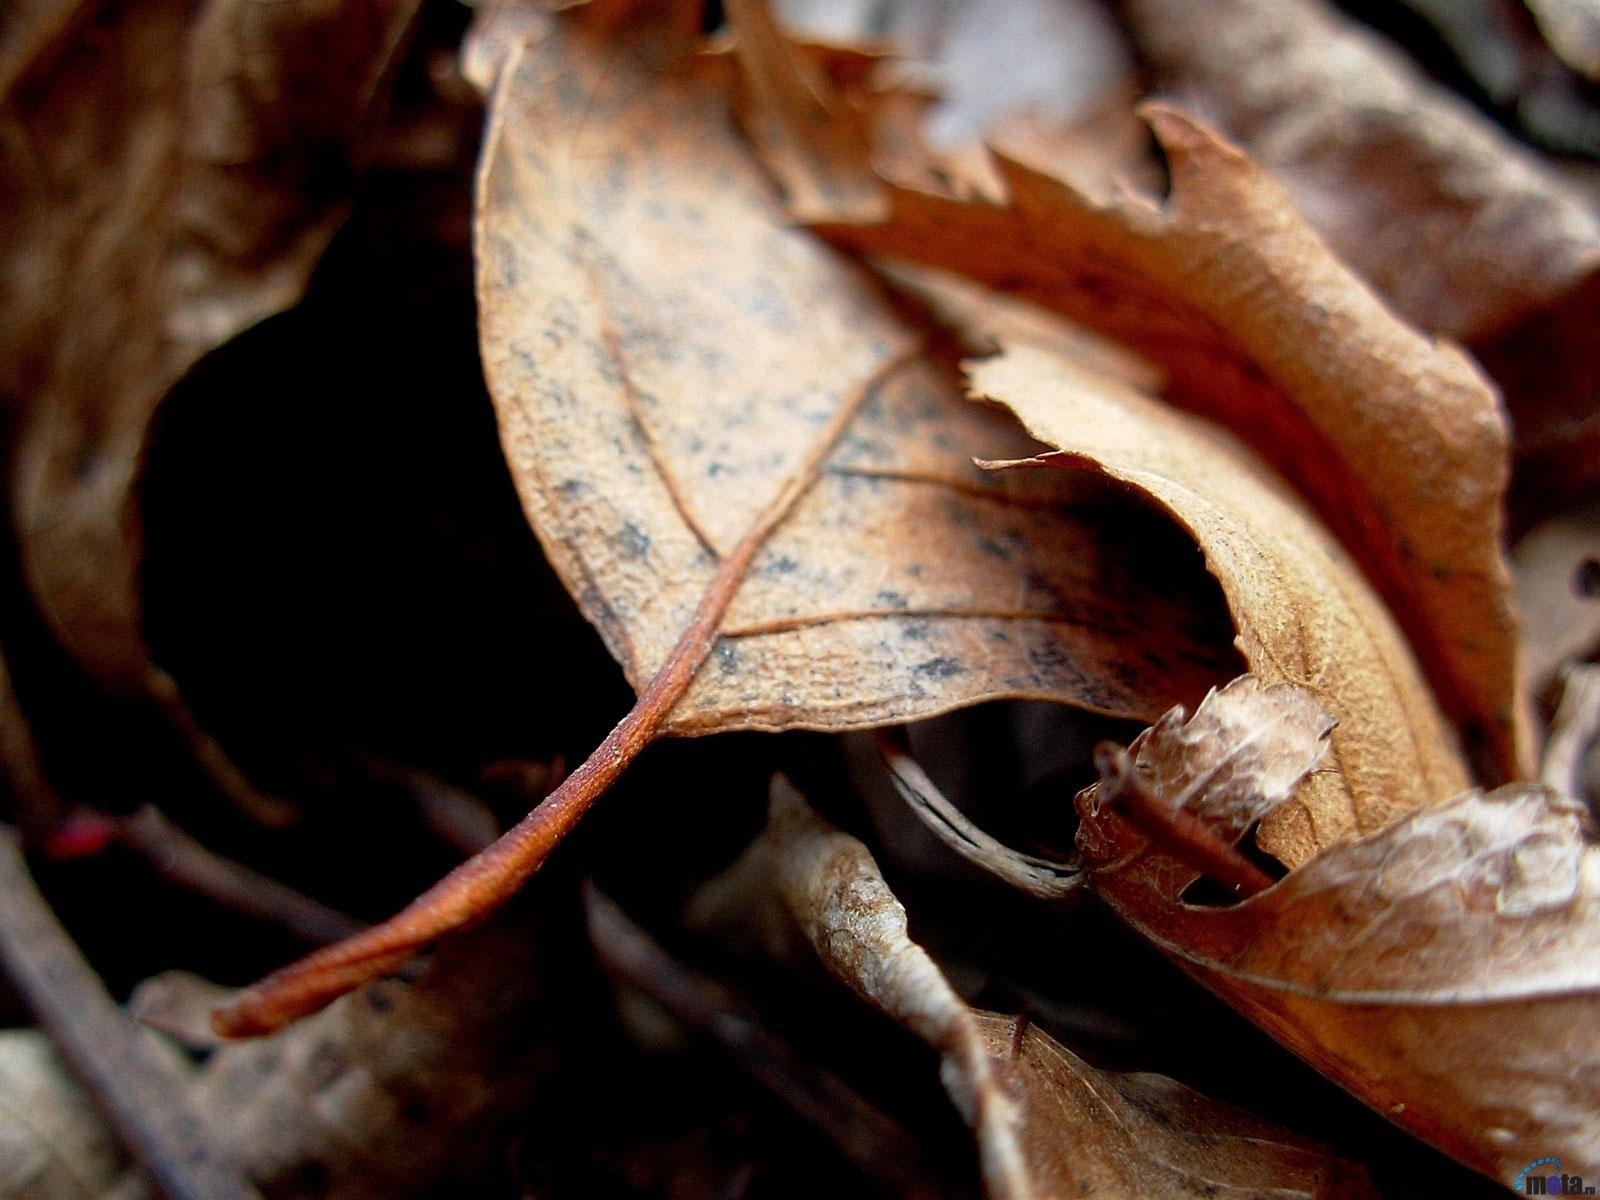 Скачать картинку Листья, Осень, Растения в телефон бесплатно.